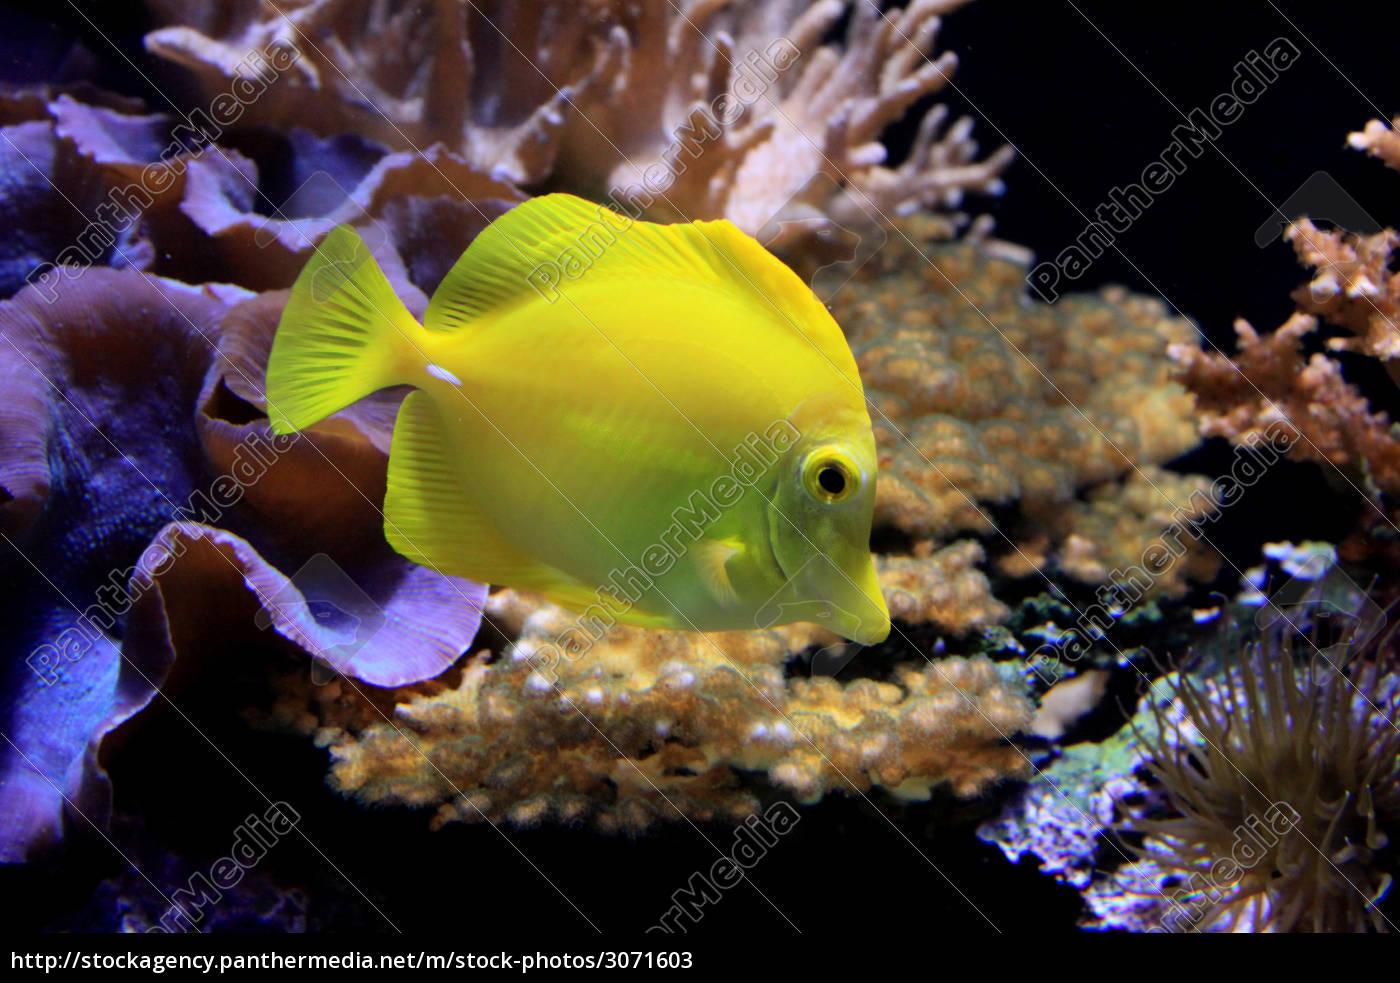 in, aqauarium - 3071603